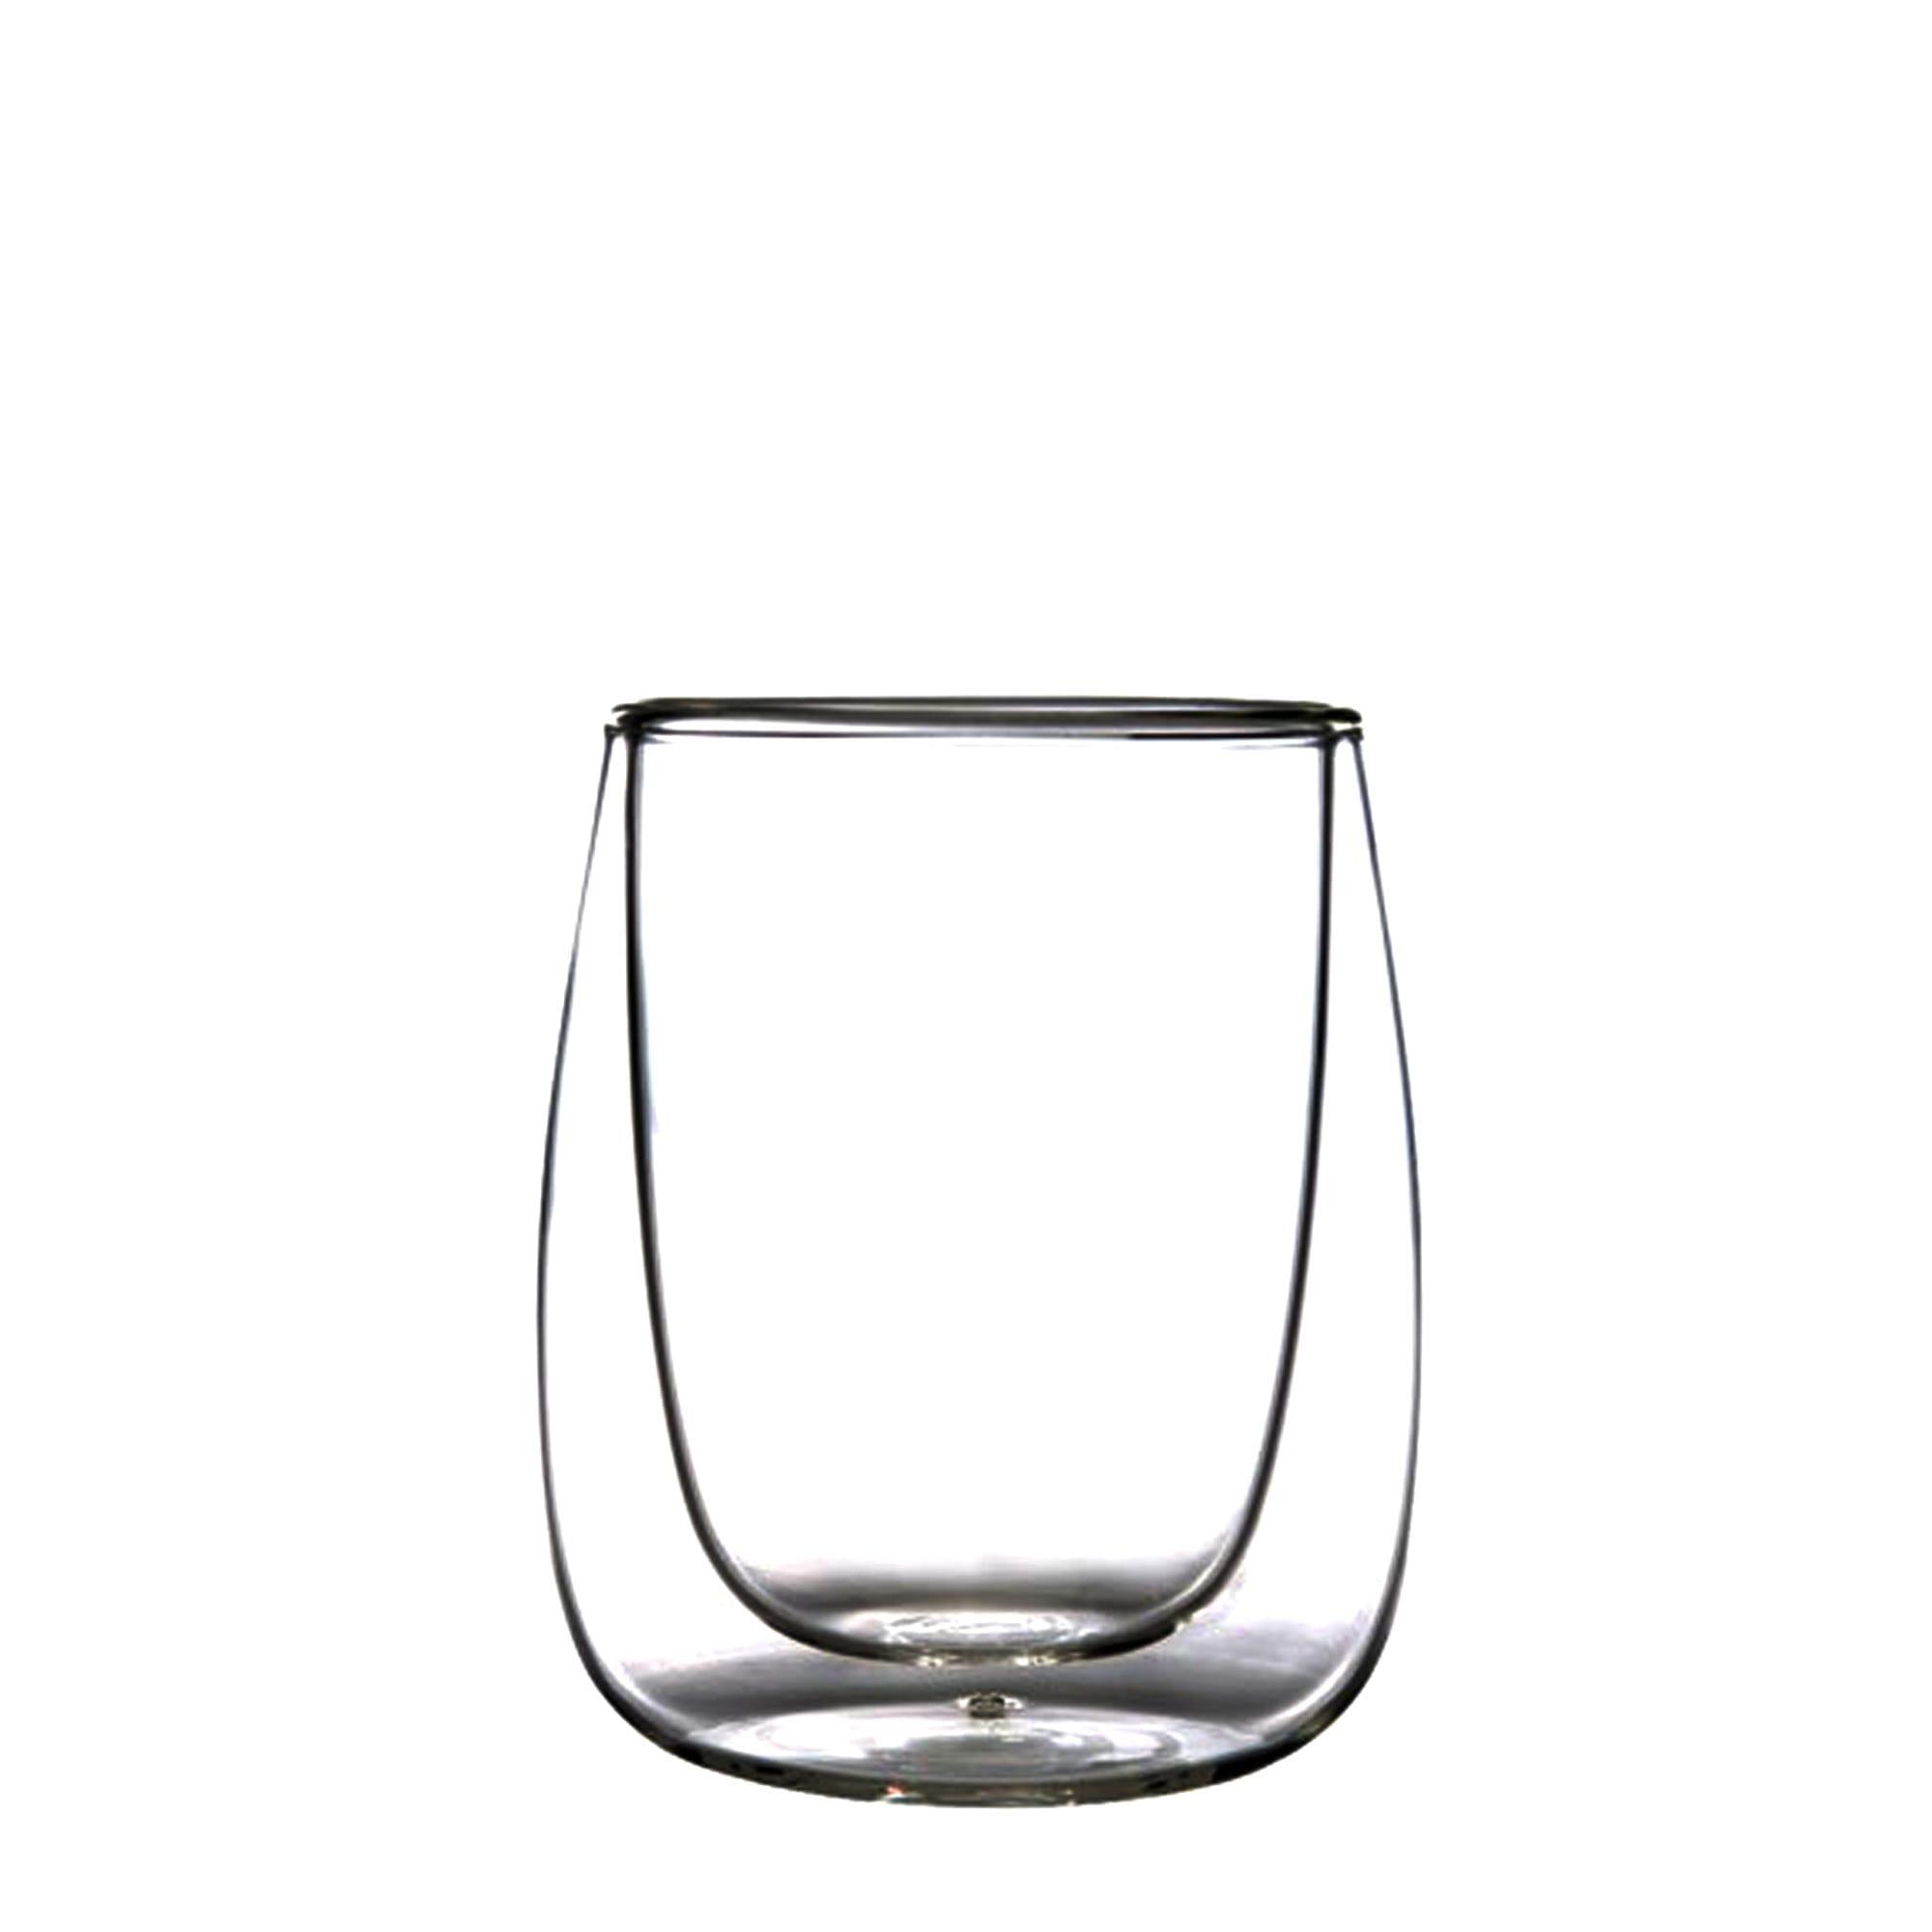 kvickly mærker glas